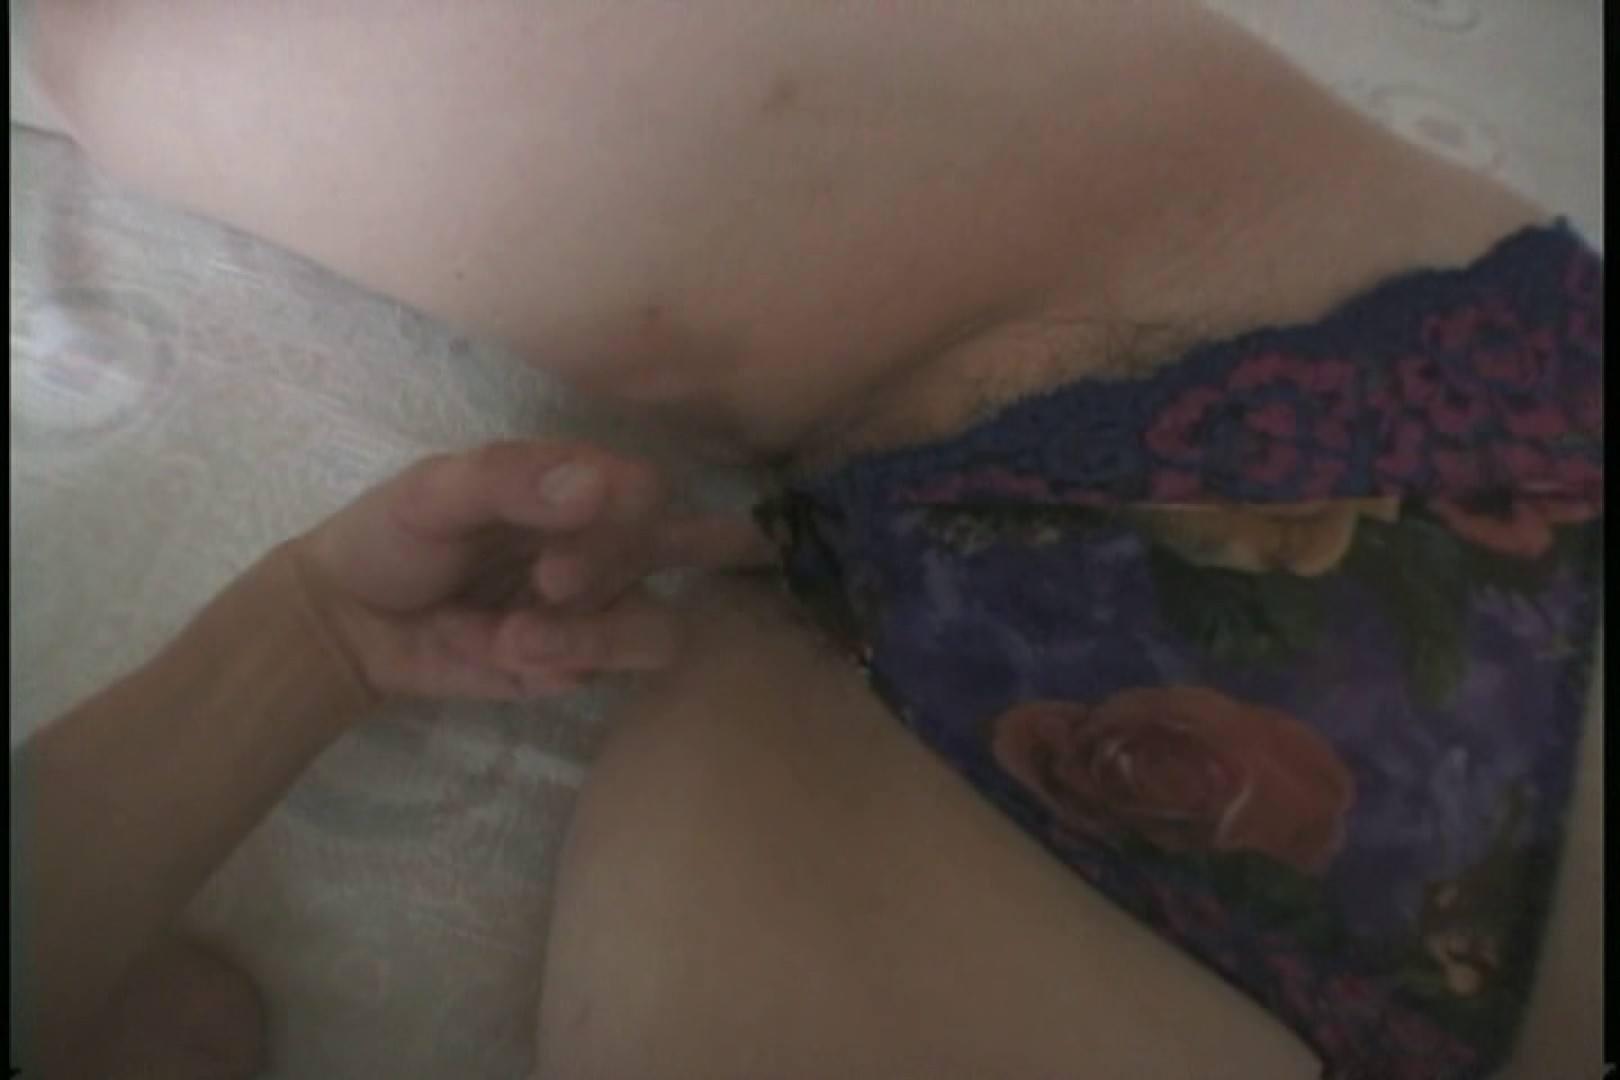 初めてのビデオ撮影に緊張する素人OLとセックス~武田じゅん~ セックス AV無料動画キャプチャ 86pic 74